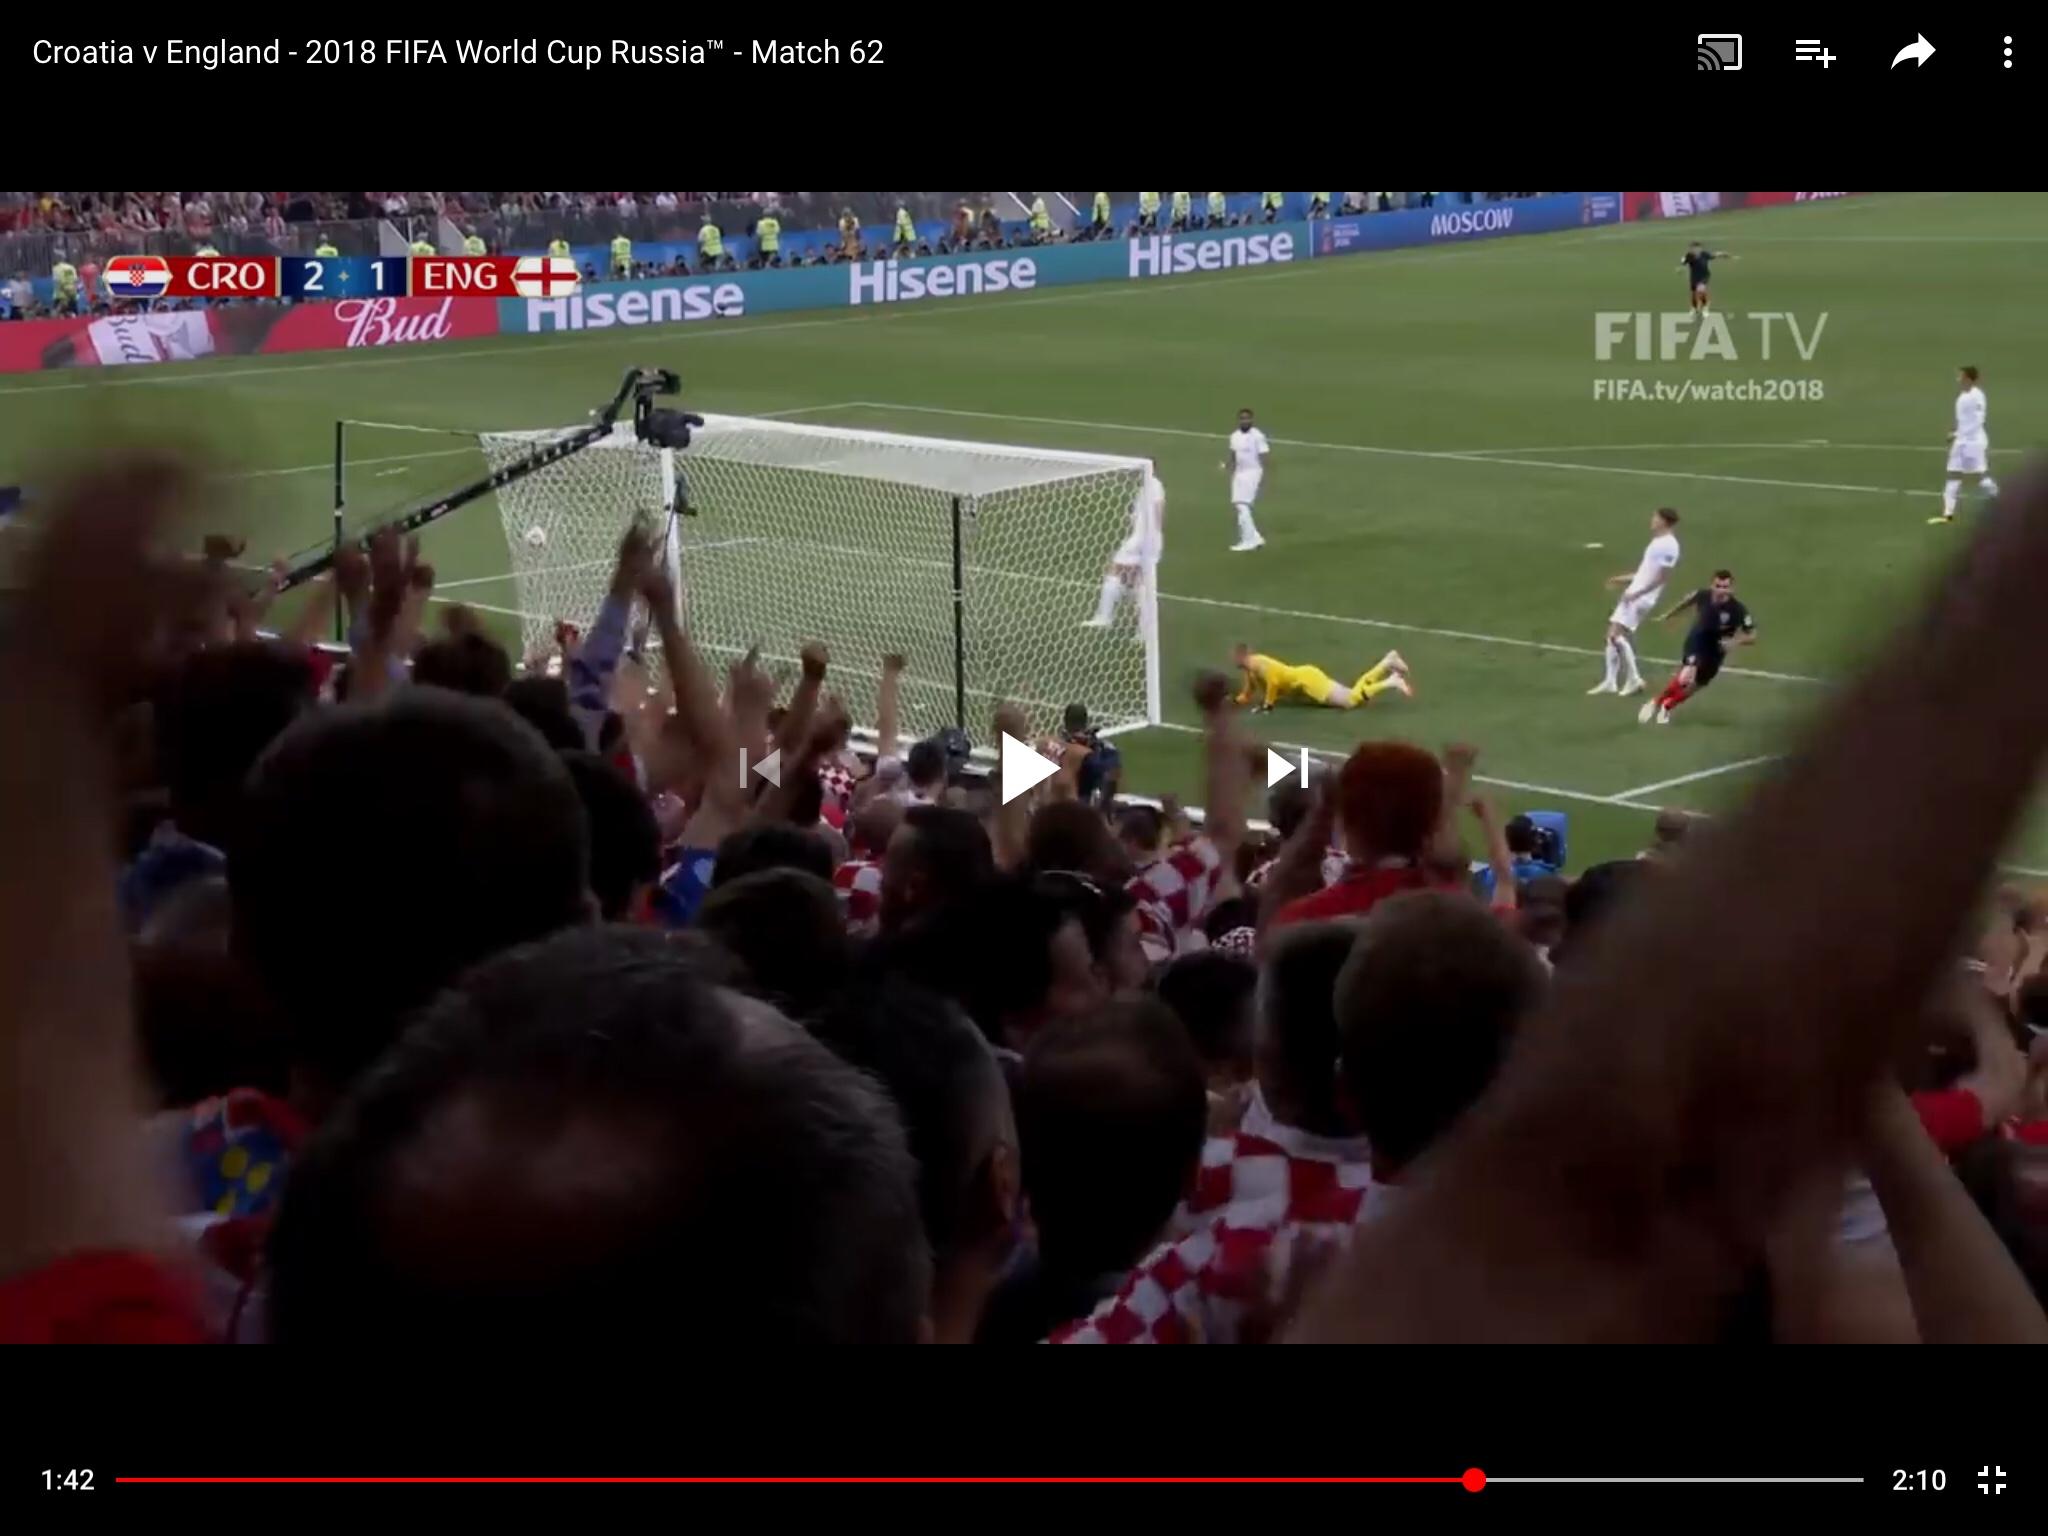 Kan mina tankar påverka VM i fotboll?